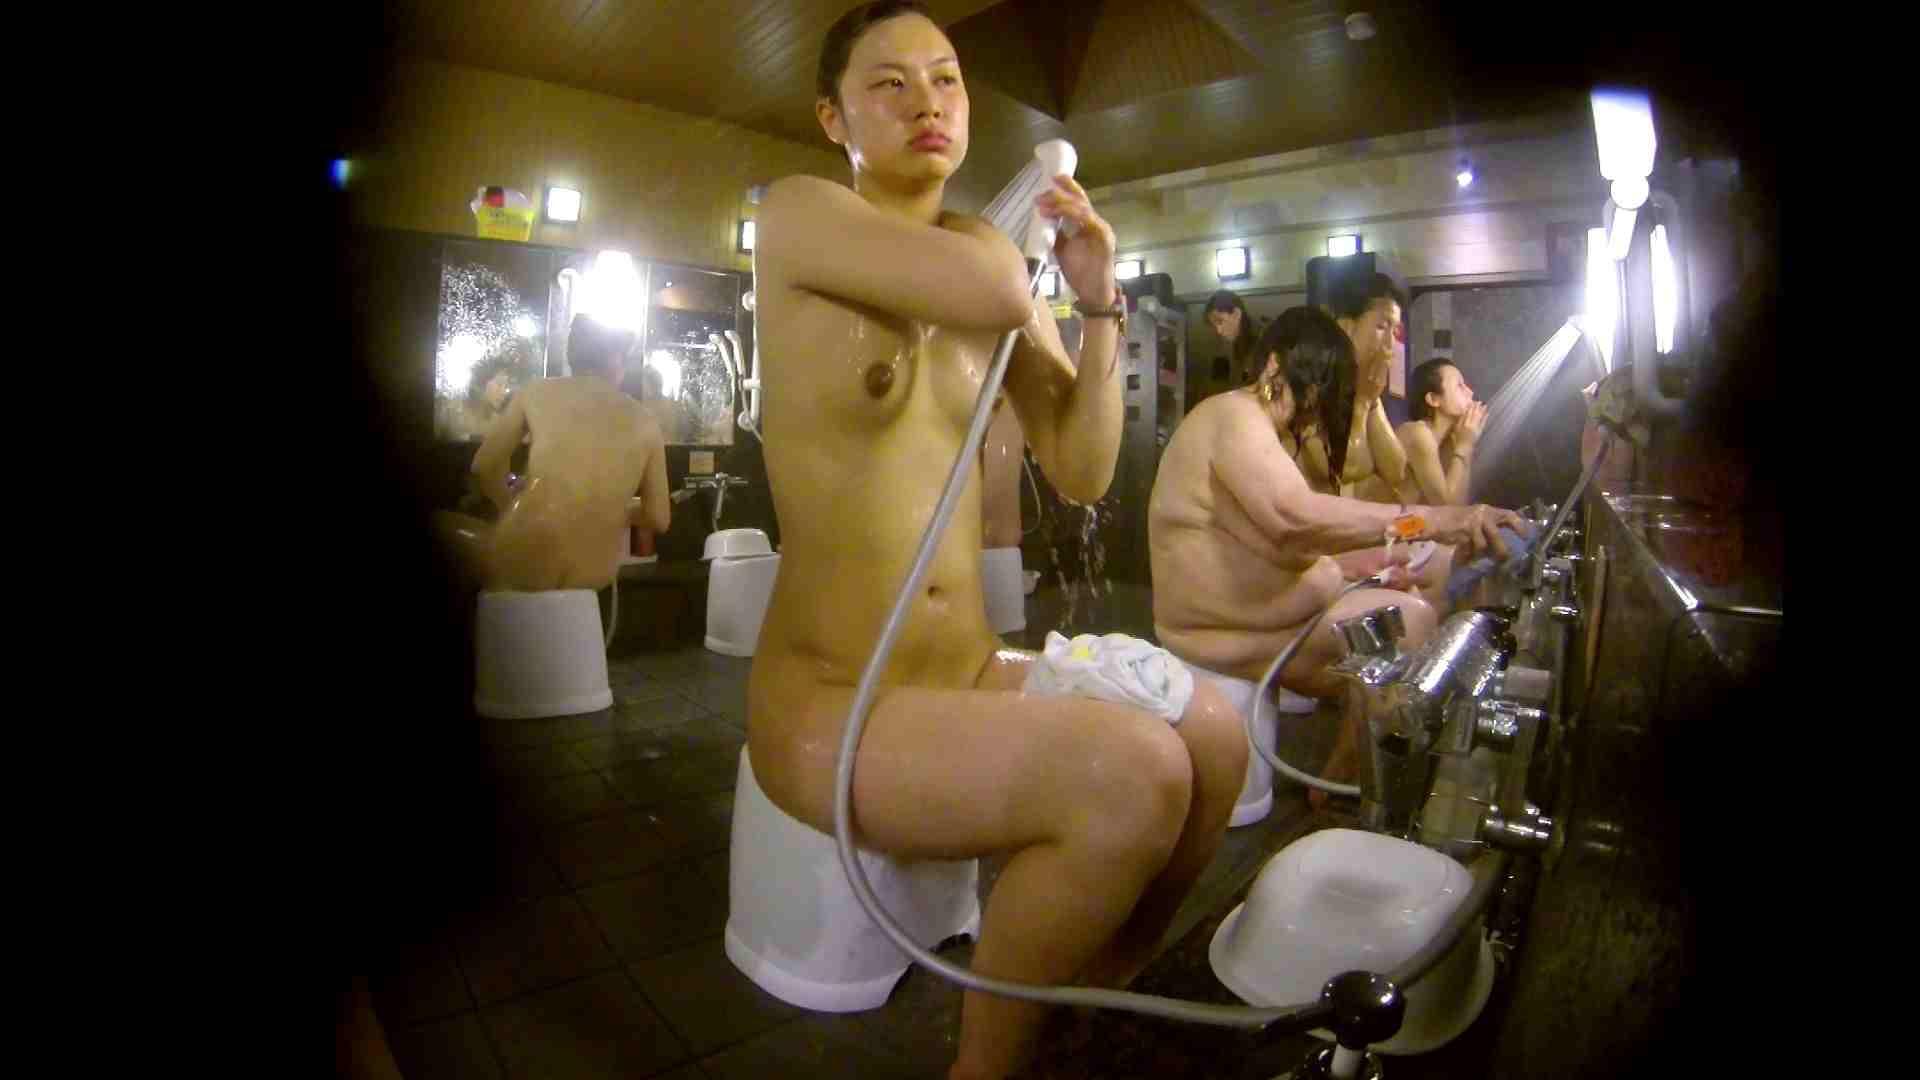 追い撮り!脱衣~洗い場、徹底追跡!撮り師さんに拍手!! 友人・知人 セックス画像 77枚 52